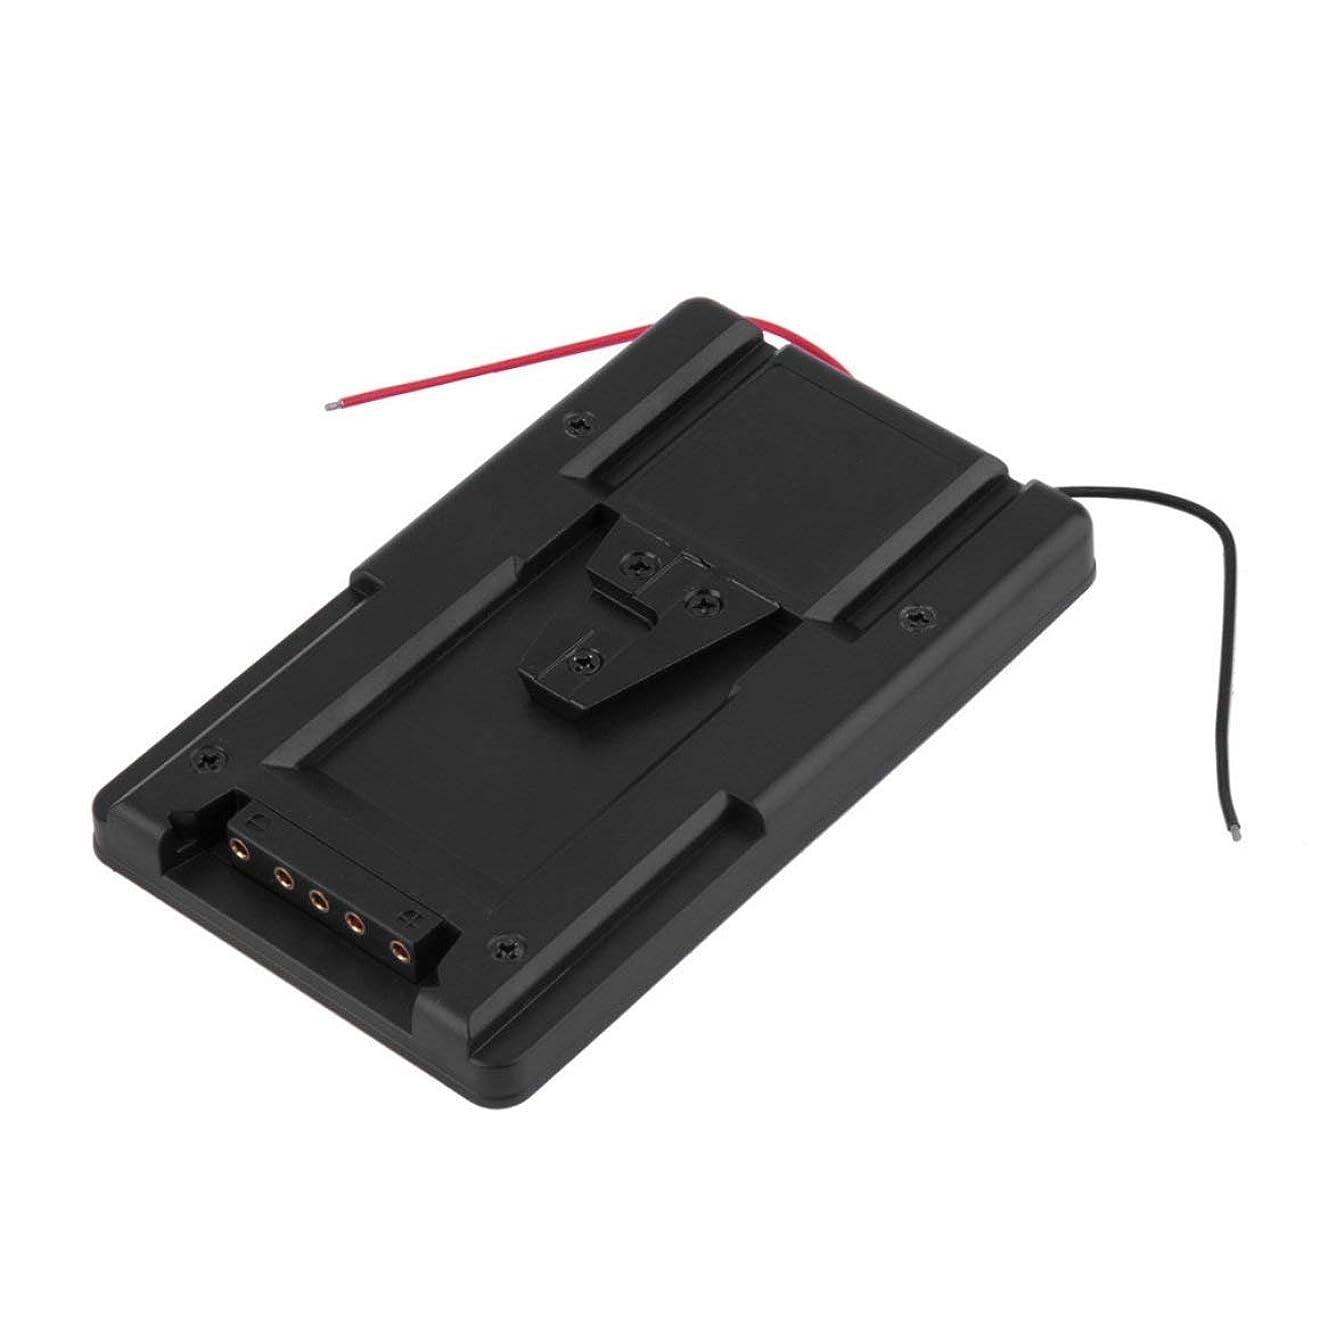 Battery Adapter Plate Converter for Sony V-Lock V-Mount Battery Power Supply